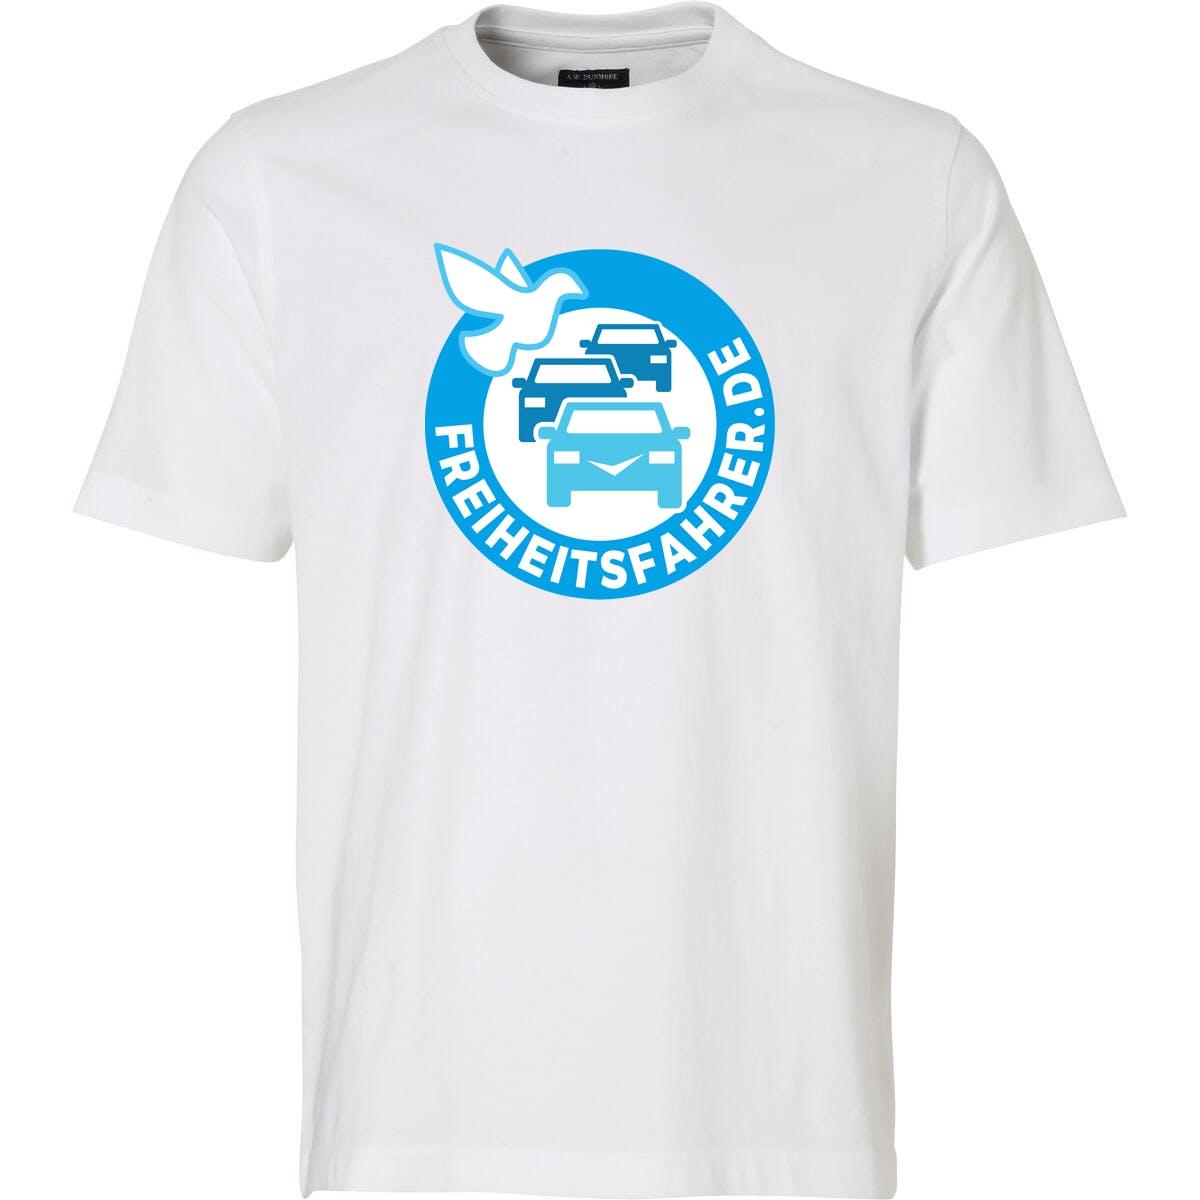 T-Shirt: Freiheitsfahrer